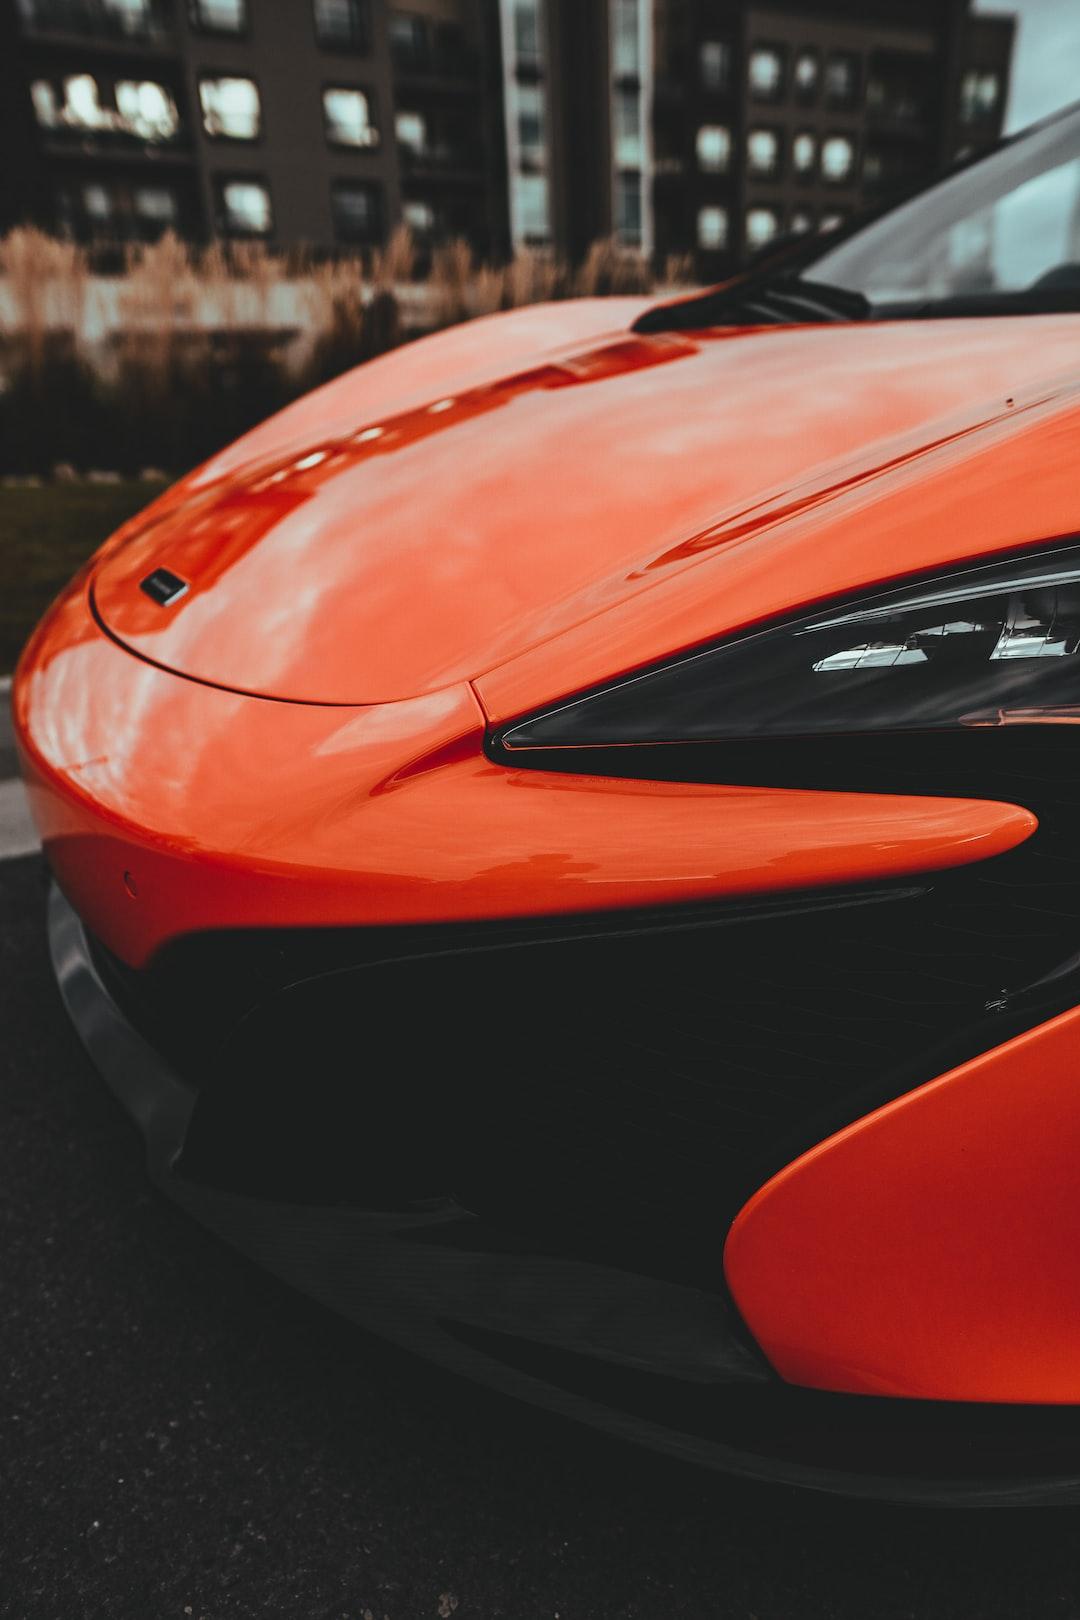 Bright orange McLaren supercar  Insta: @sichpicsss